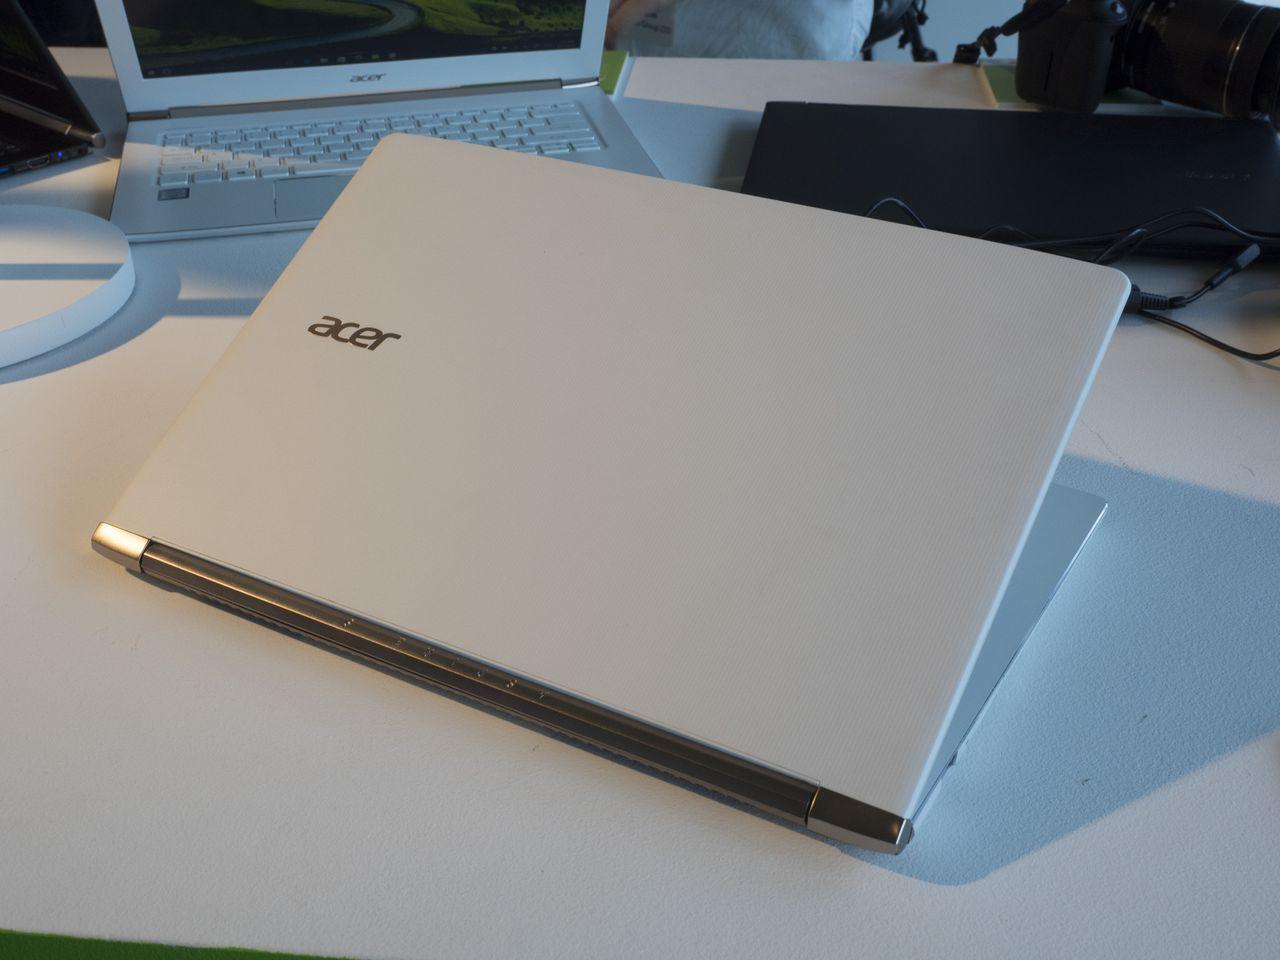 Next@Acer: Самый мощный игровой ноутбук с воздушным охлаждением, велокомпьютер, Chromebook для работы и другие новинки - 44